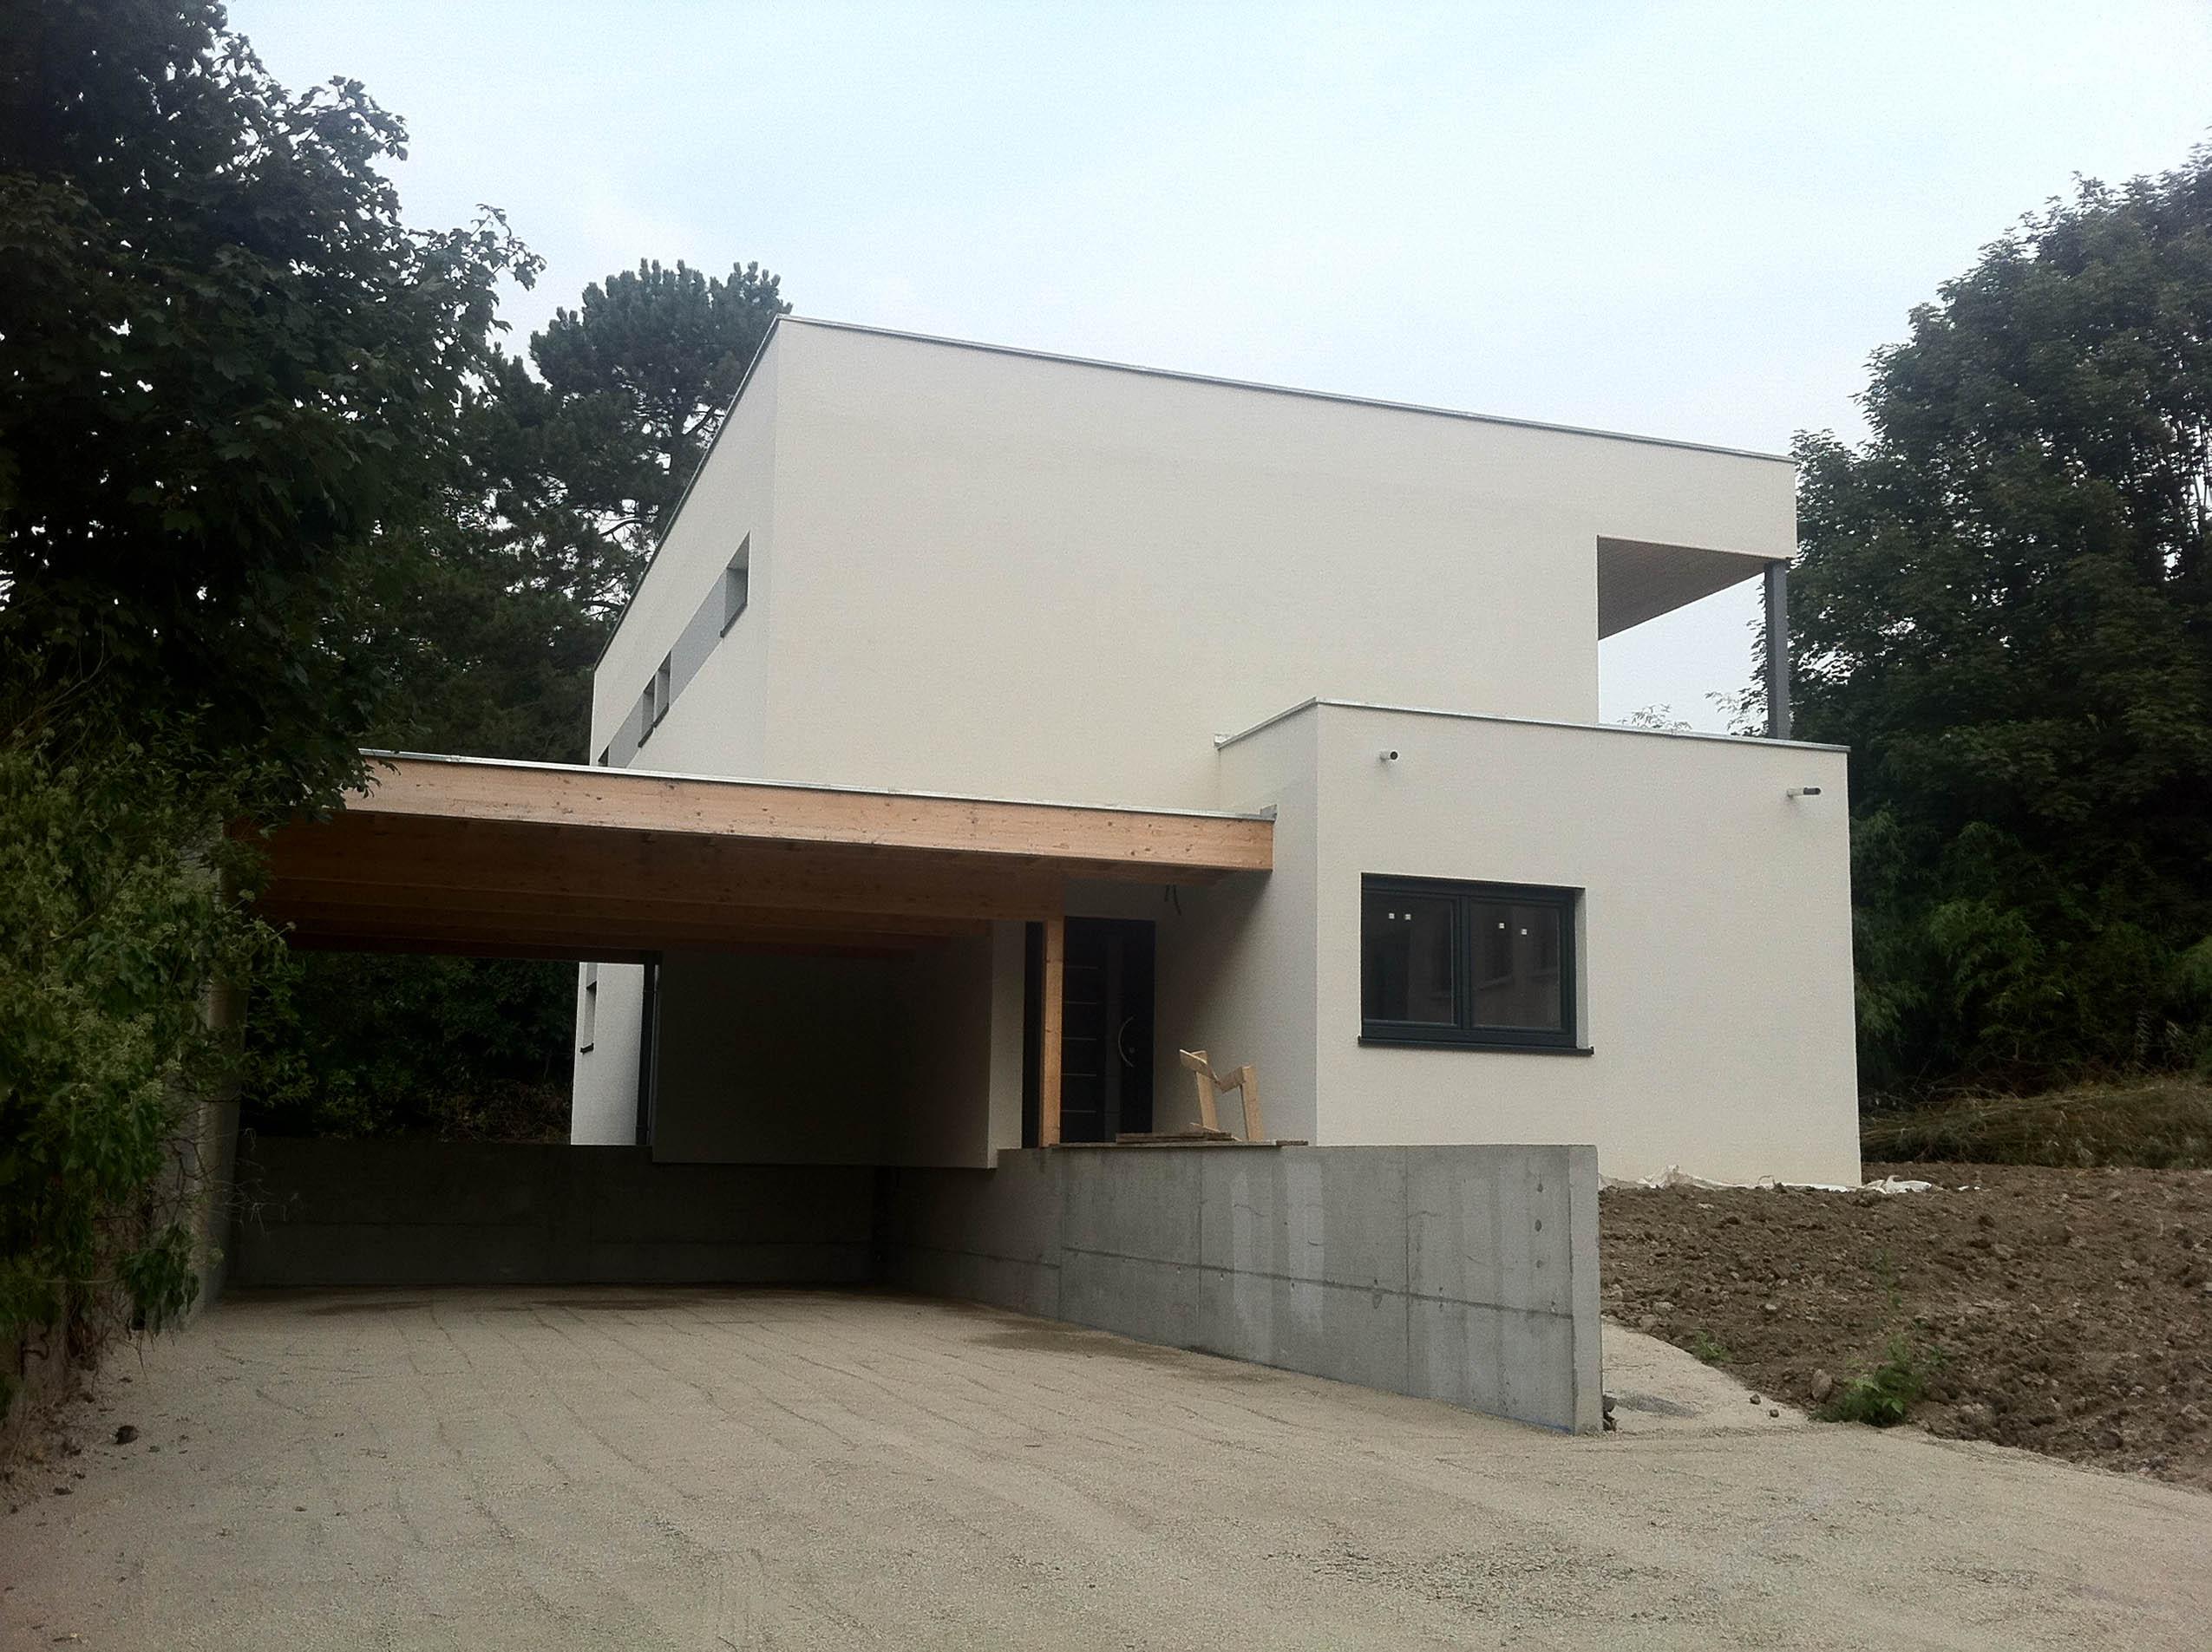 Construction maison pas cher alsace for Prix construction maison alsace